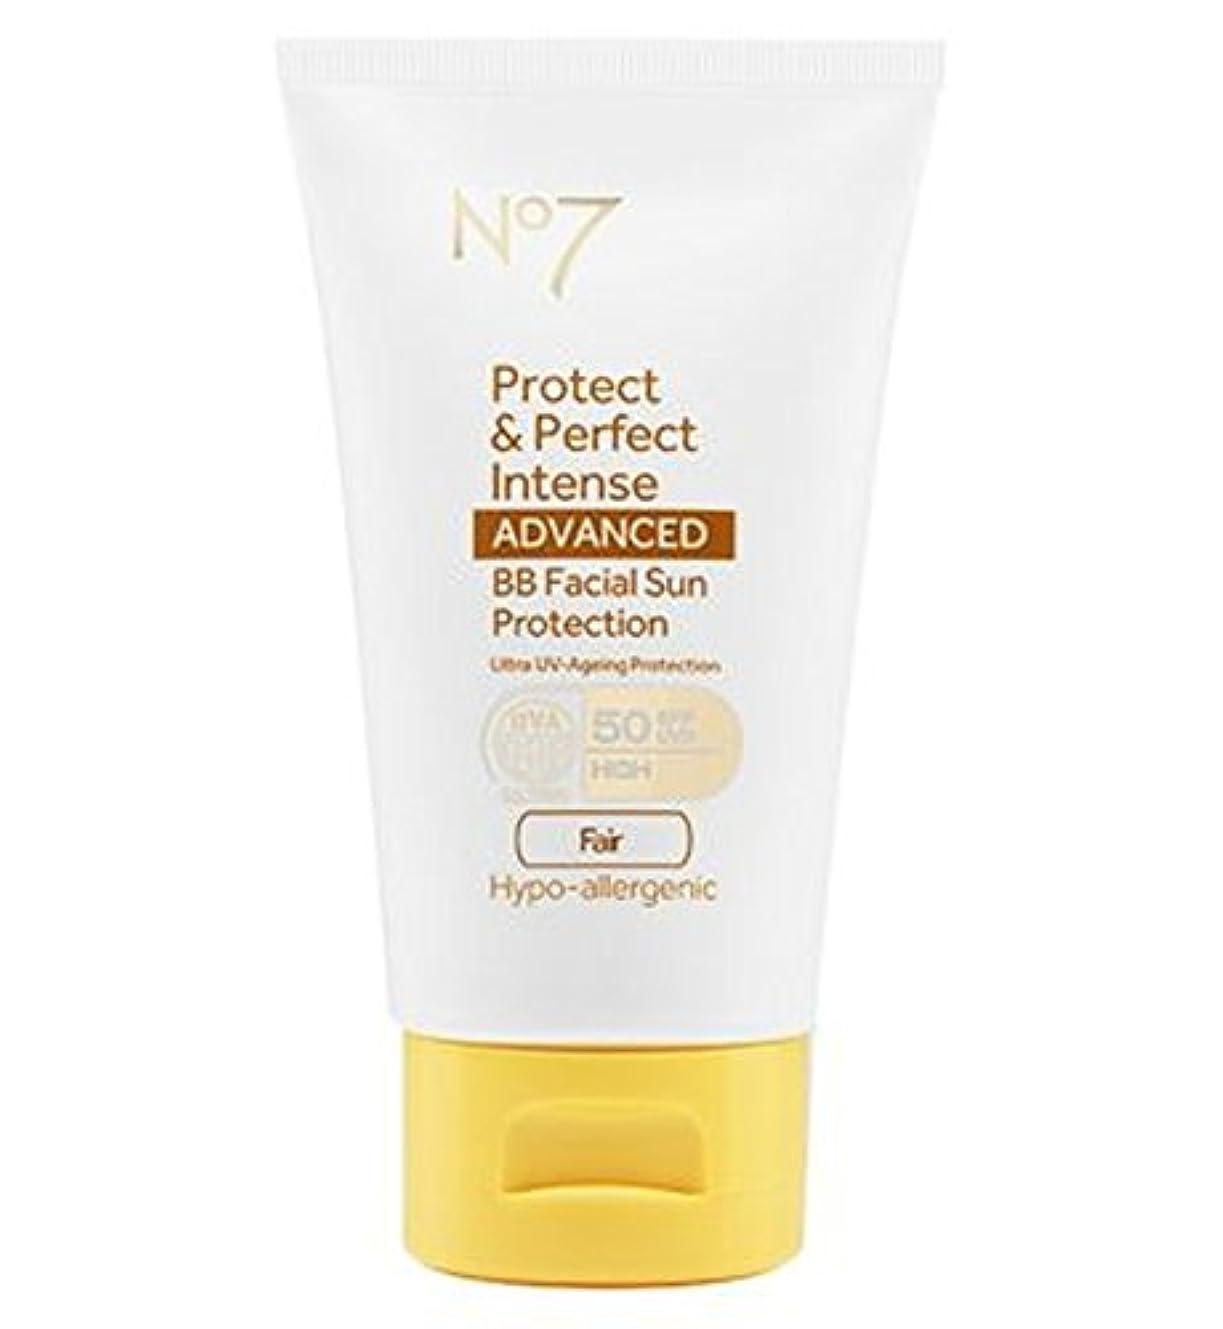 バーマド世論調査我慢するNo7保護&完璧な強烈な先進Bb顔の日焼け防止Spf50フェア50ミリリットル (No7) (x2) - No7 Protect & Perfect Intense ADVANCED BB Facial Sun Protection SPF50 Fair 50ml (Pack of 2) [並行輸入品]